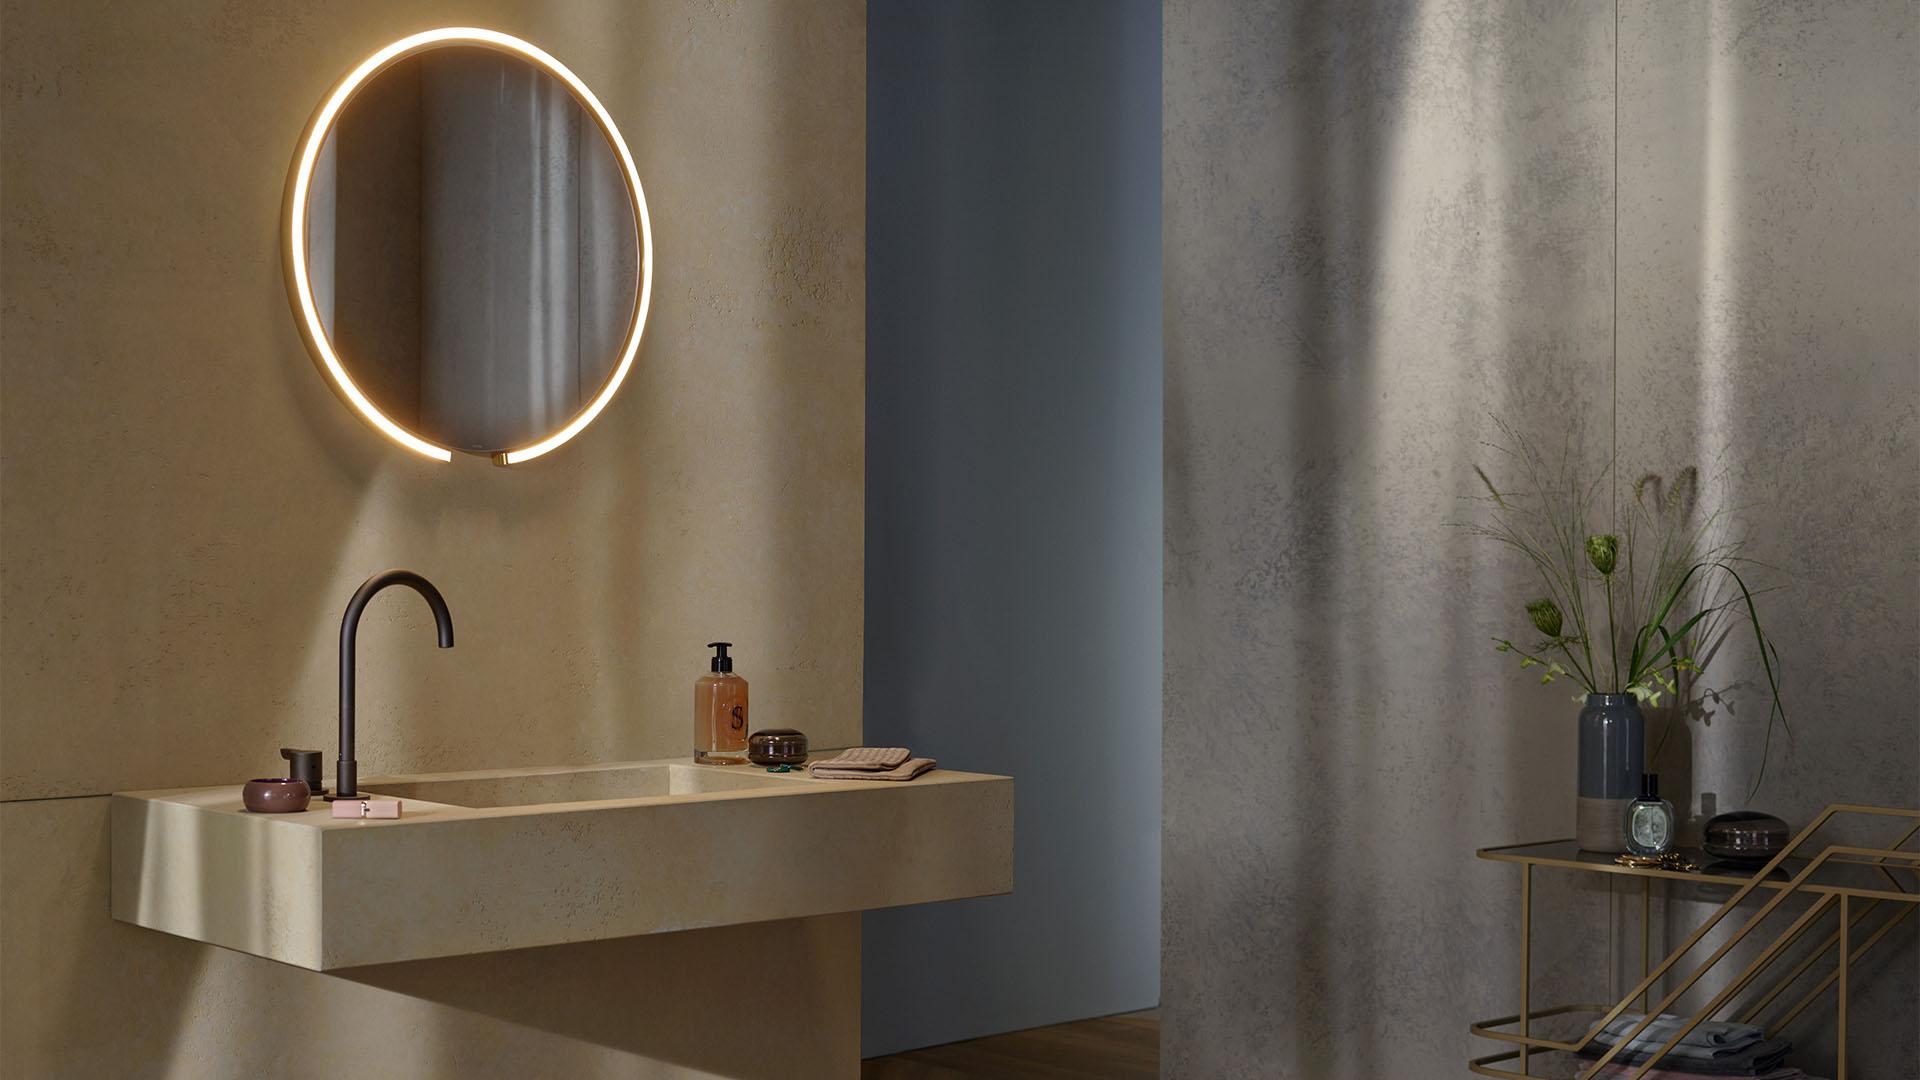 Occhio Mito Sfera spiegel 2 | Hoogebeen Interieur